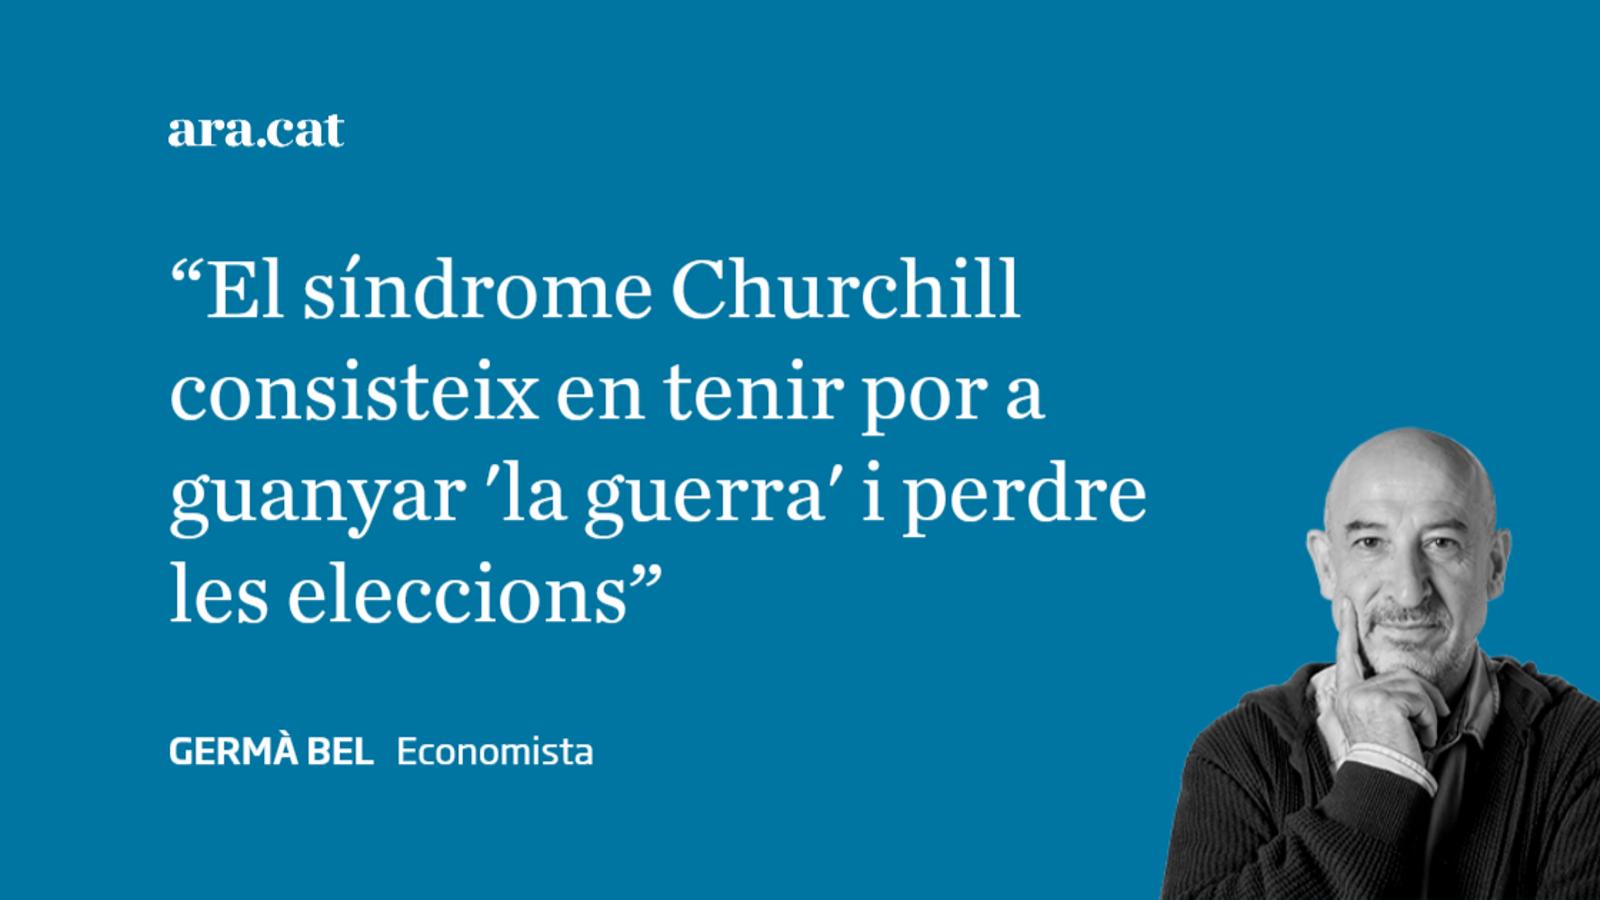 Gestió de crisis i la síndrome Churchill